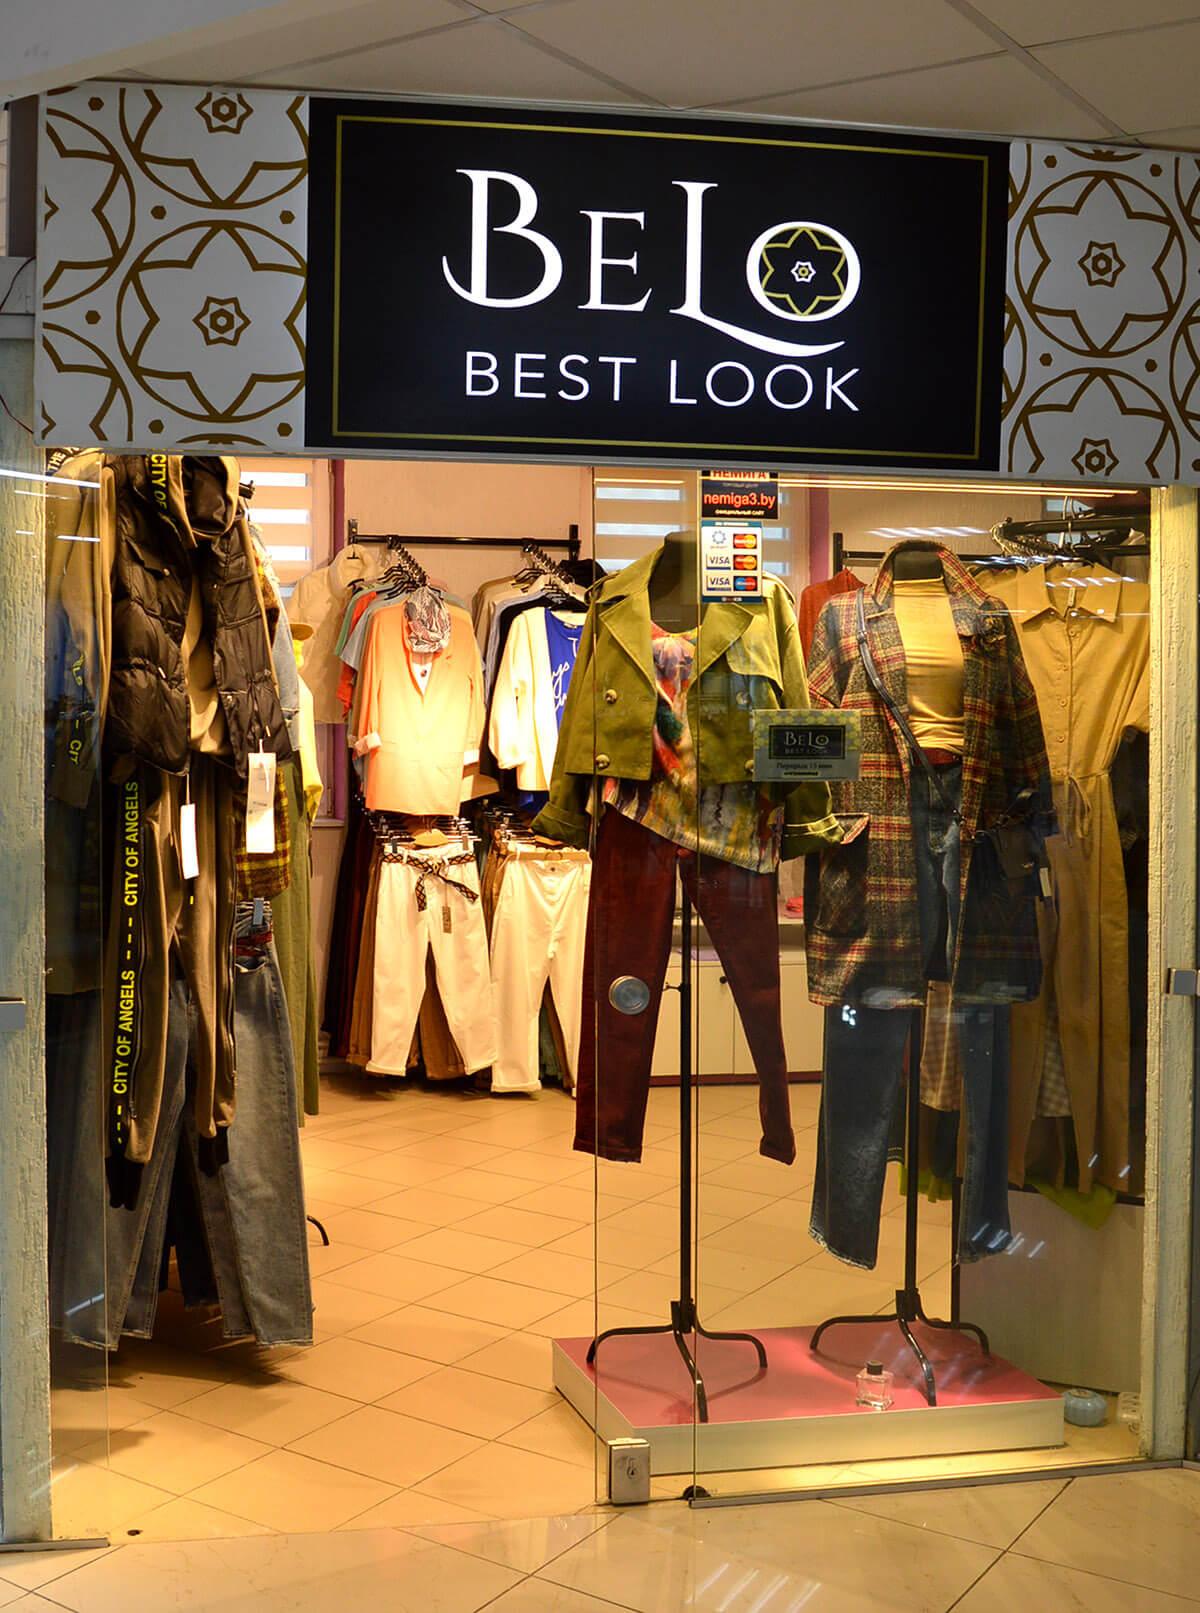 «Belo» -  best look - магазин итальянской линии женской одежды и аксессуаров в Торговом Центре «Немига 3»